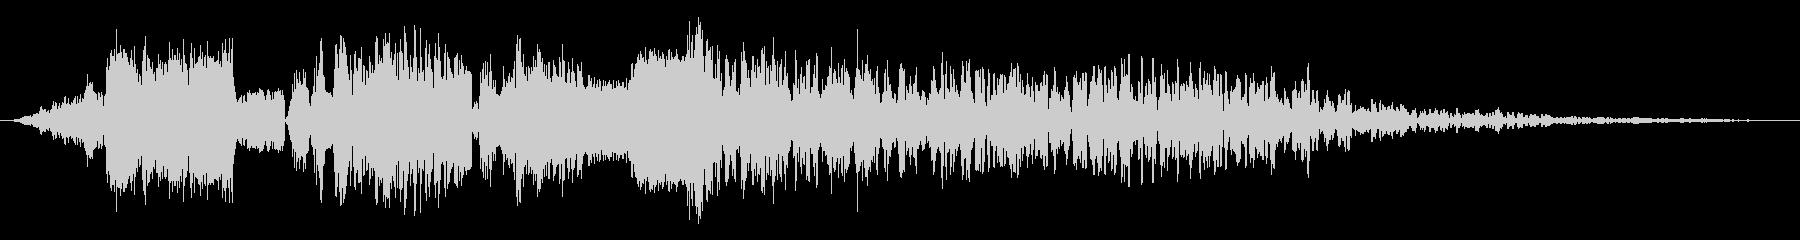 チューナーキッカーの未再生の波形